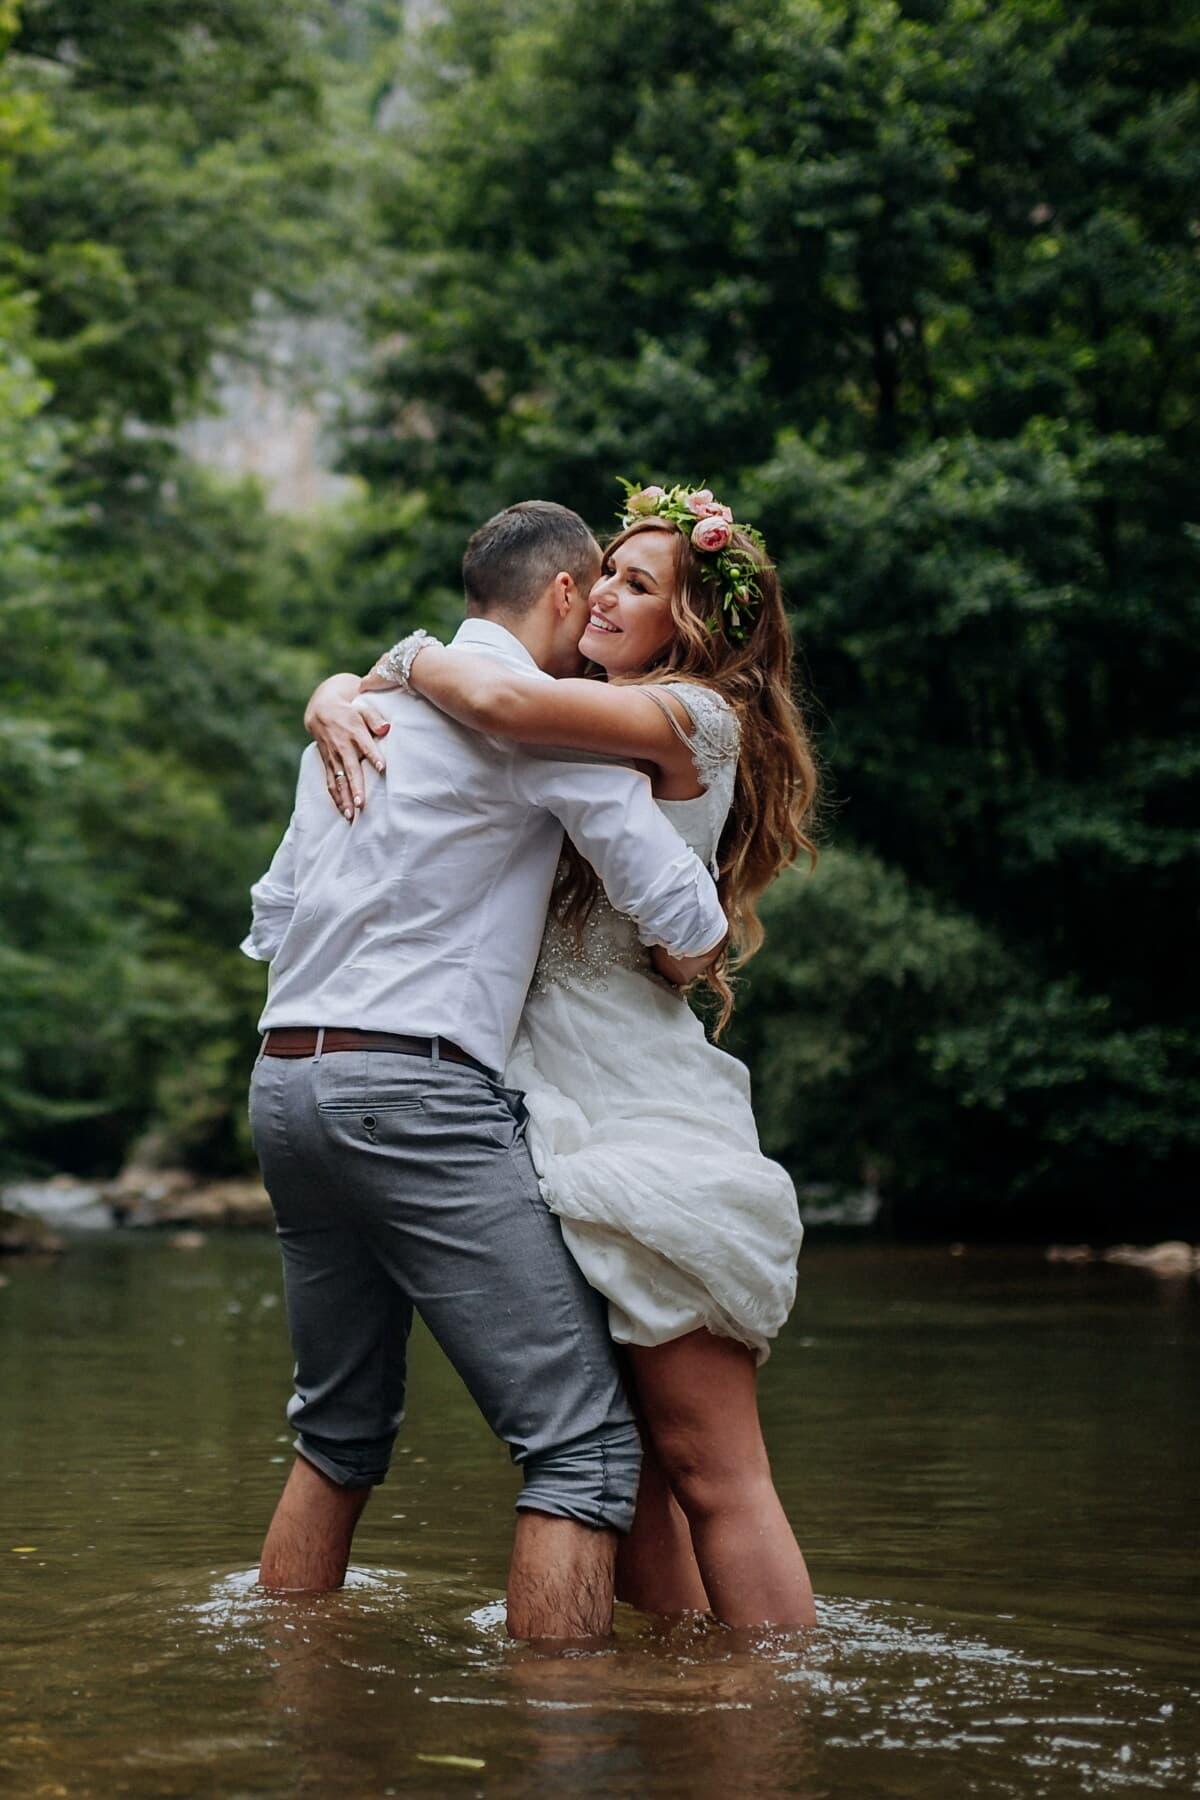 Genuss, Liebe, Mann, stehende, Frau, Fluss, Romantik, Natur, im freien, Sommer